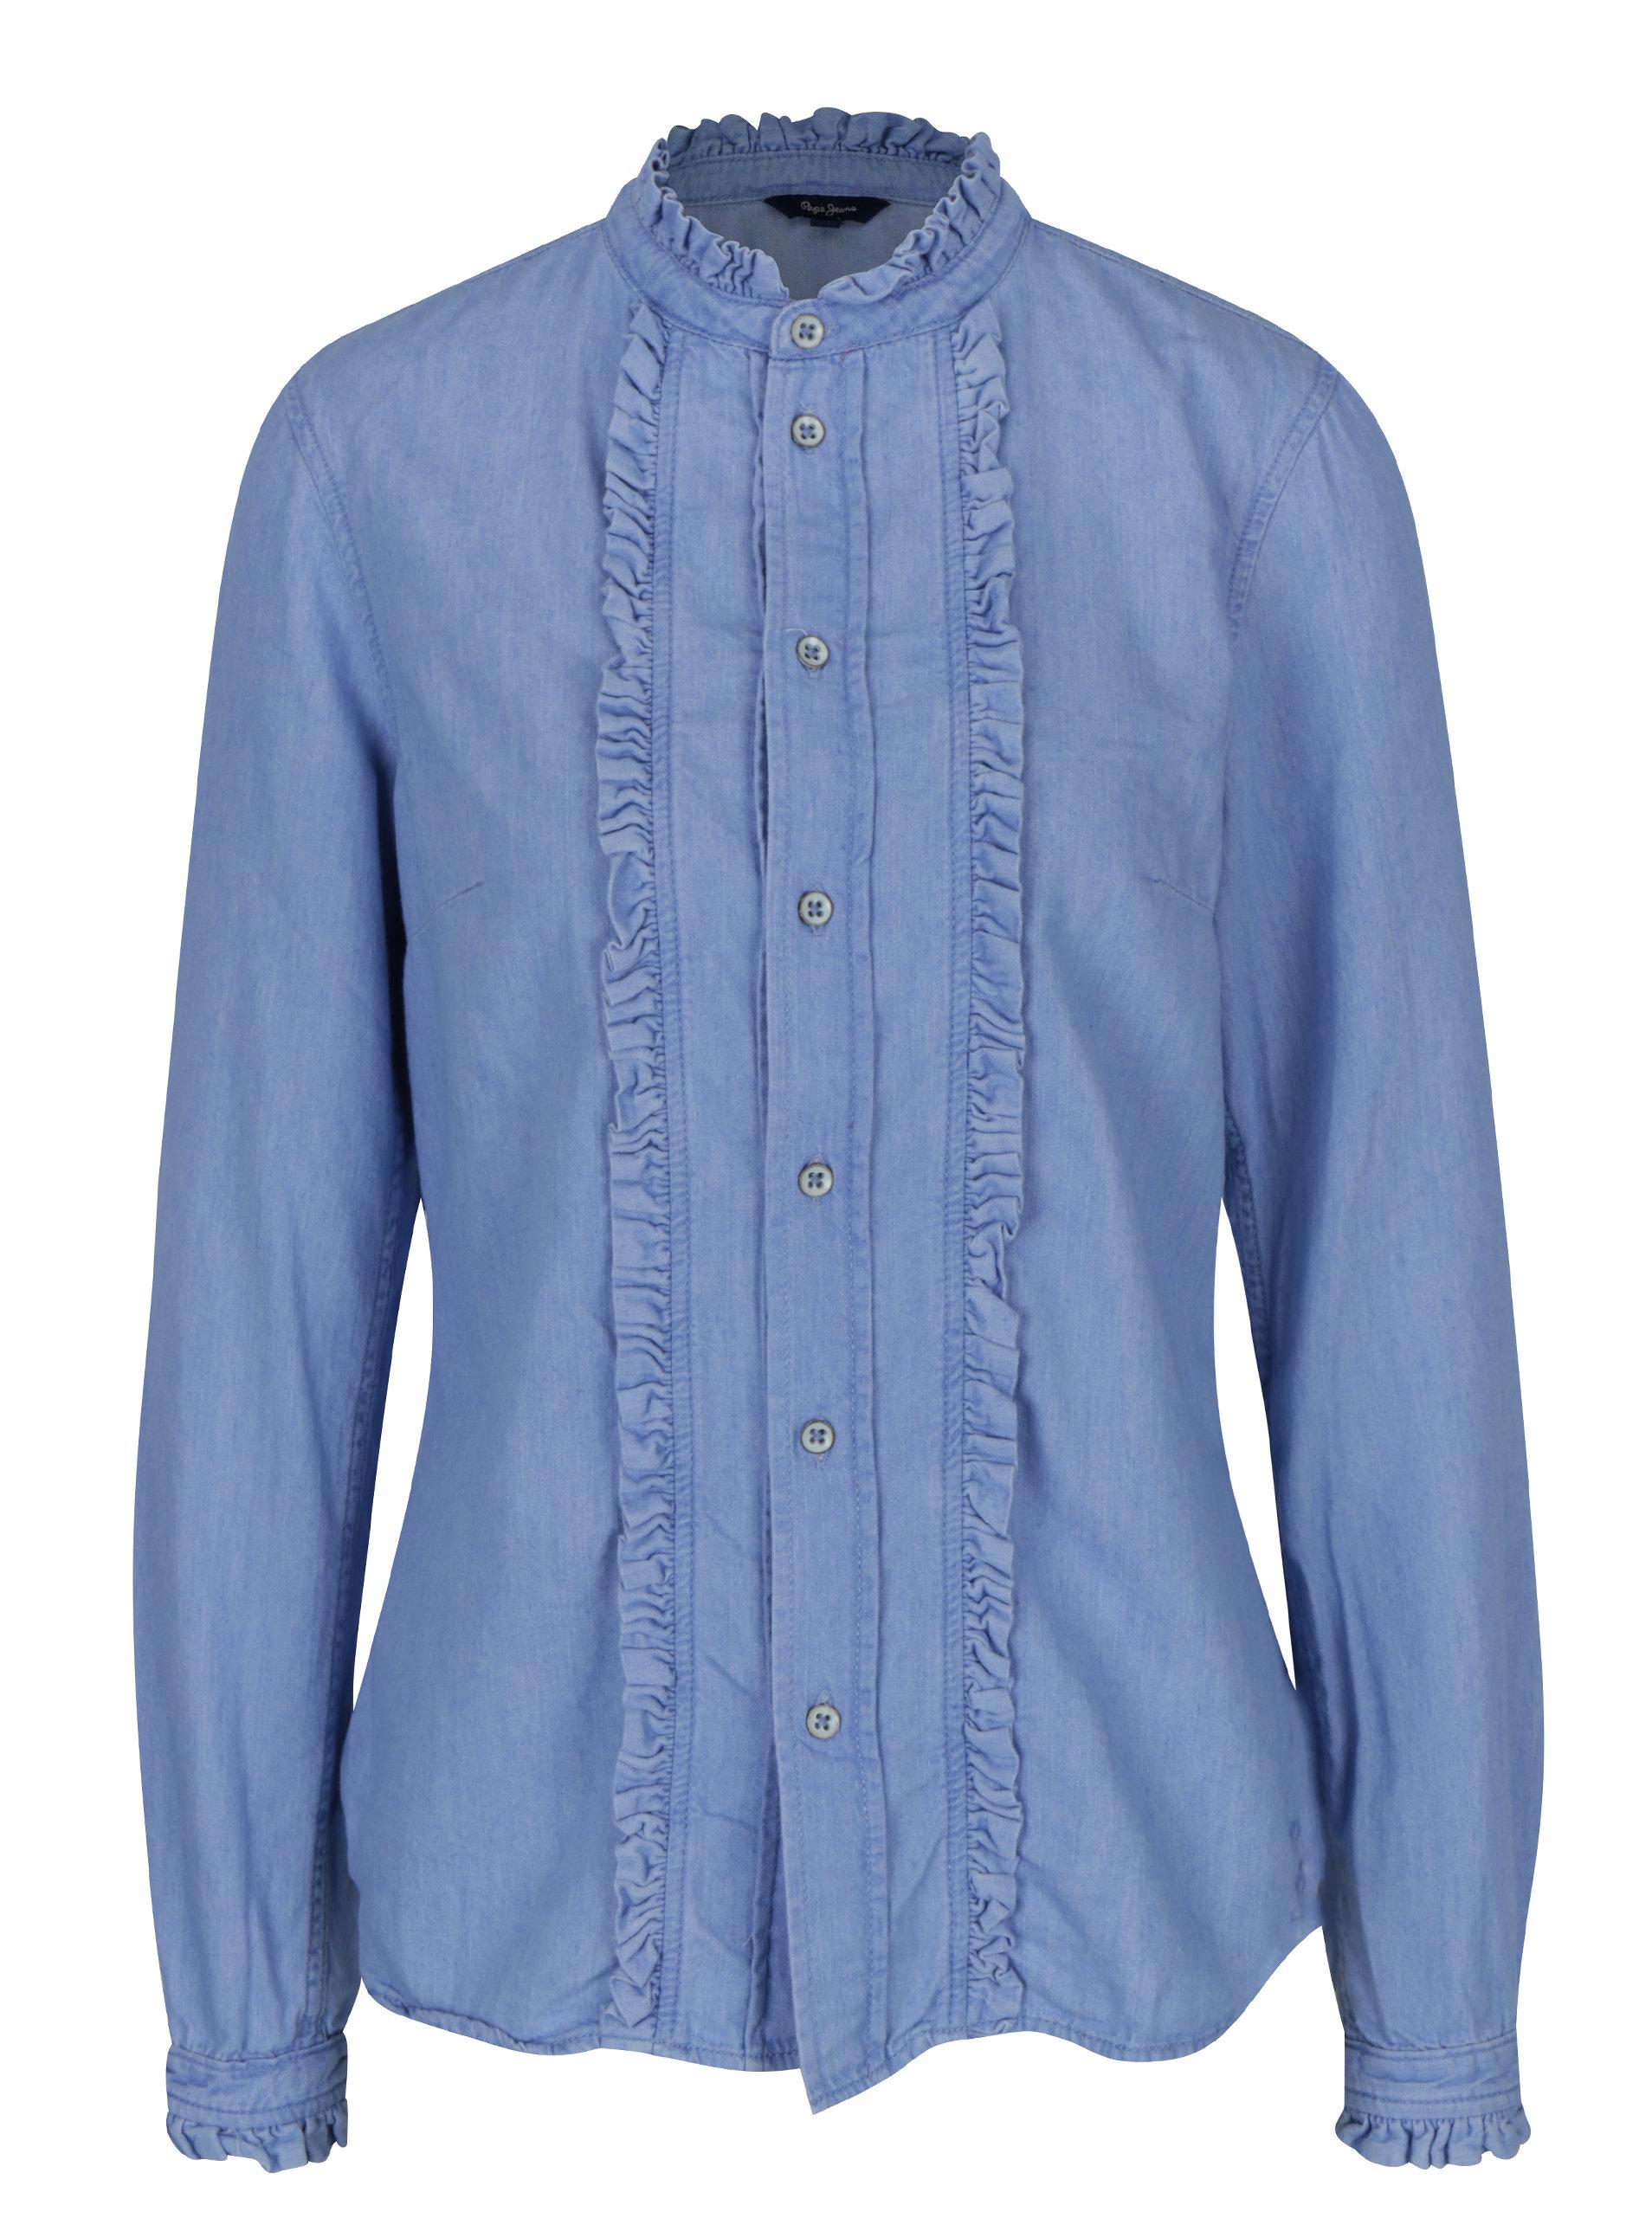 Světle modrá dámská džínová košile Pepe Jeans Frilly ... 4b93ae520d